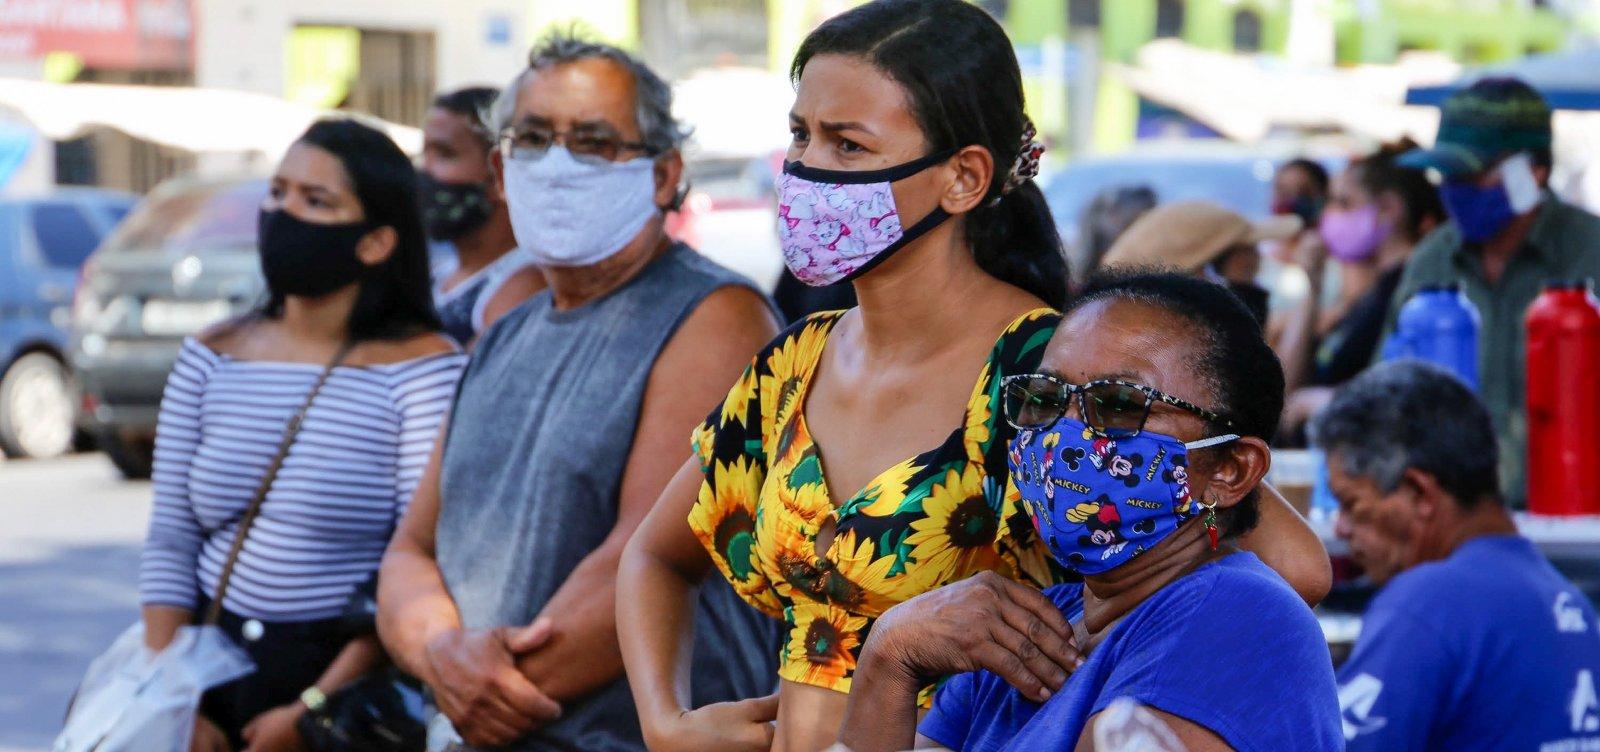 [Brasil: cada infectado passou Covid-19 para 3 no início da epidemia no Brasil, diz estudo]